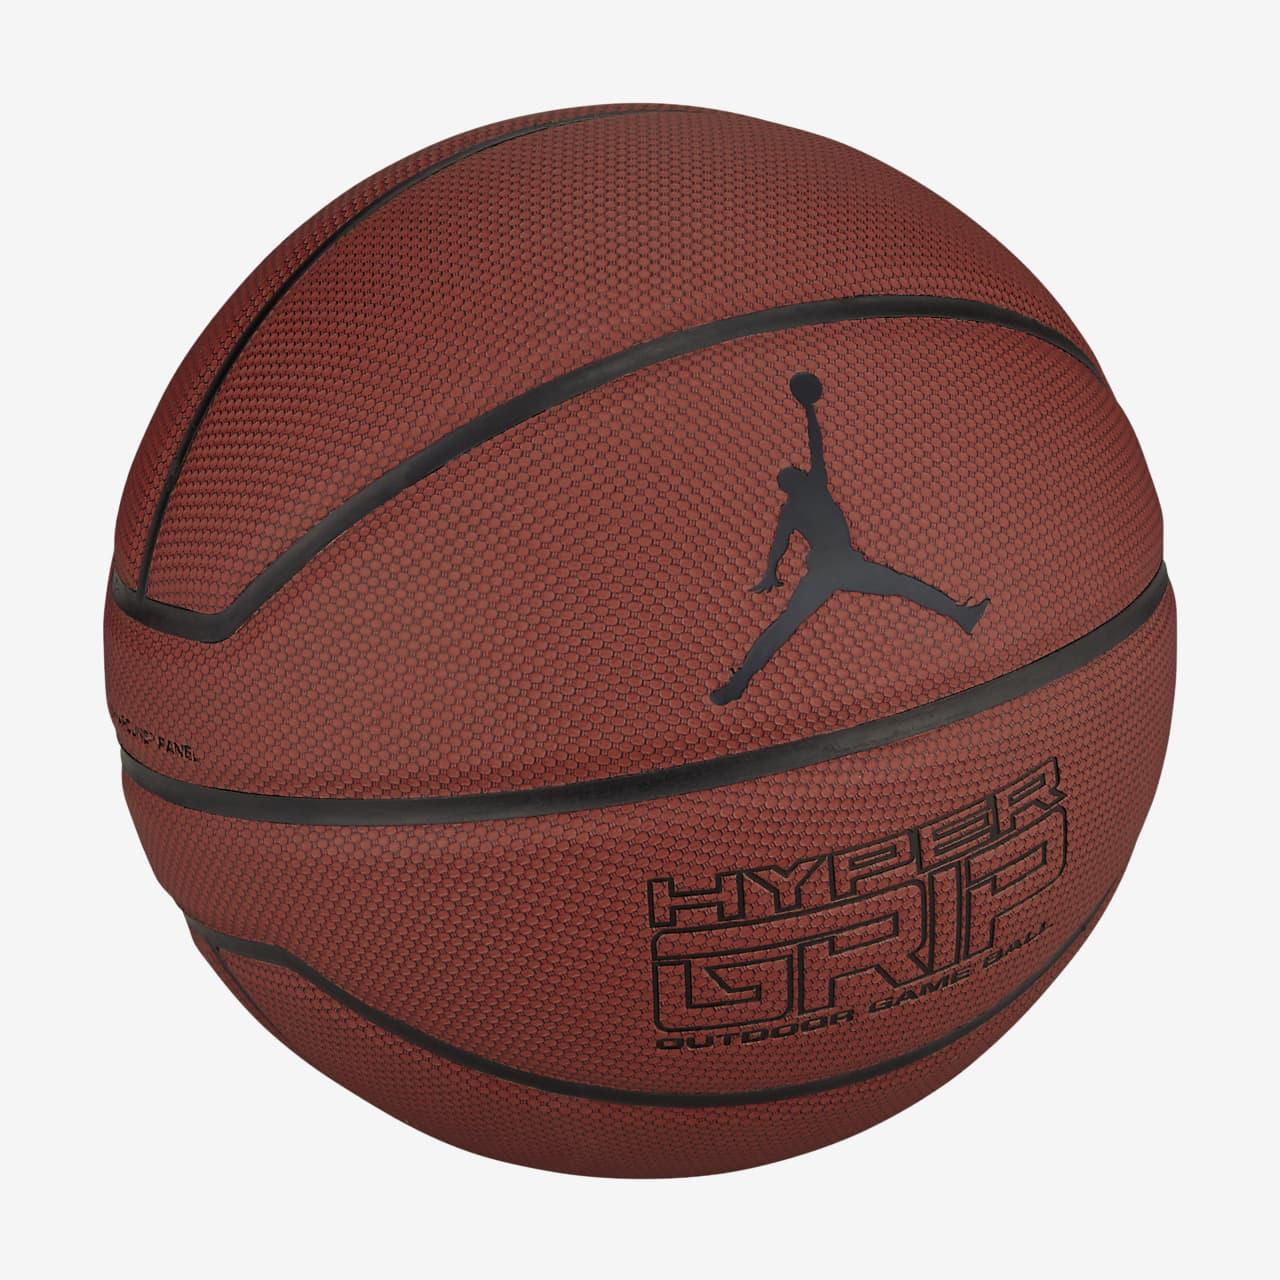 jordan hyper grip ball review